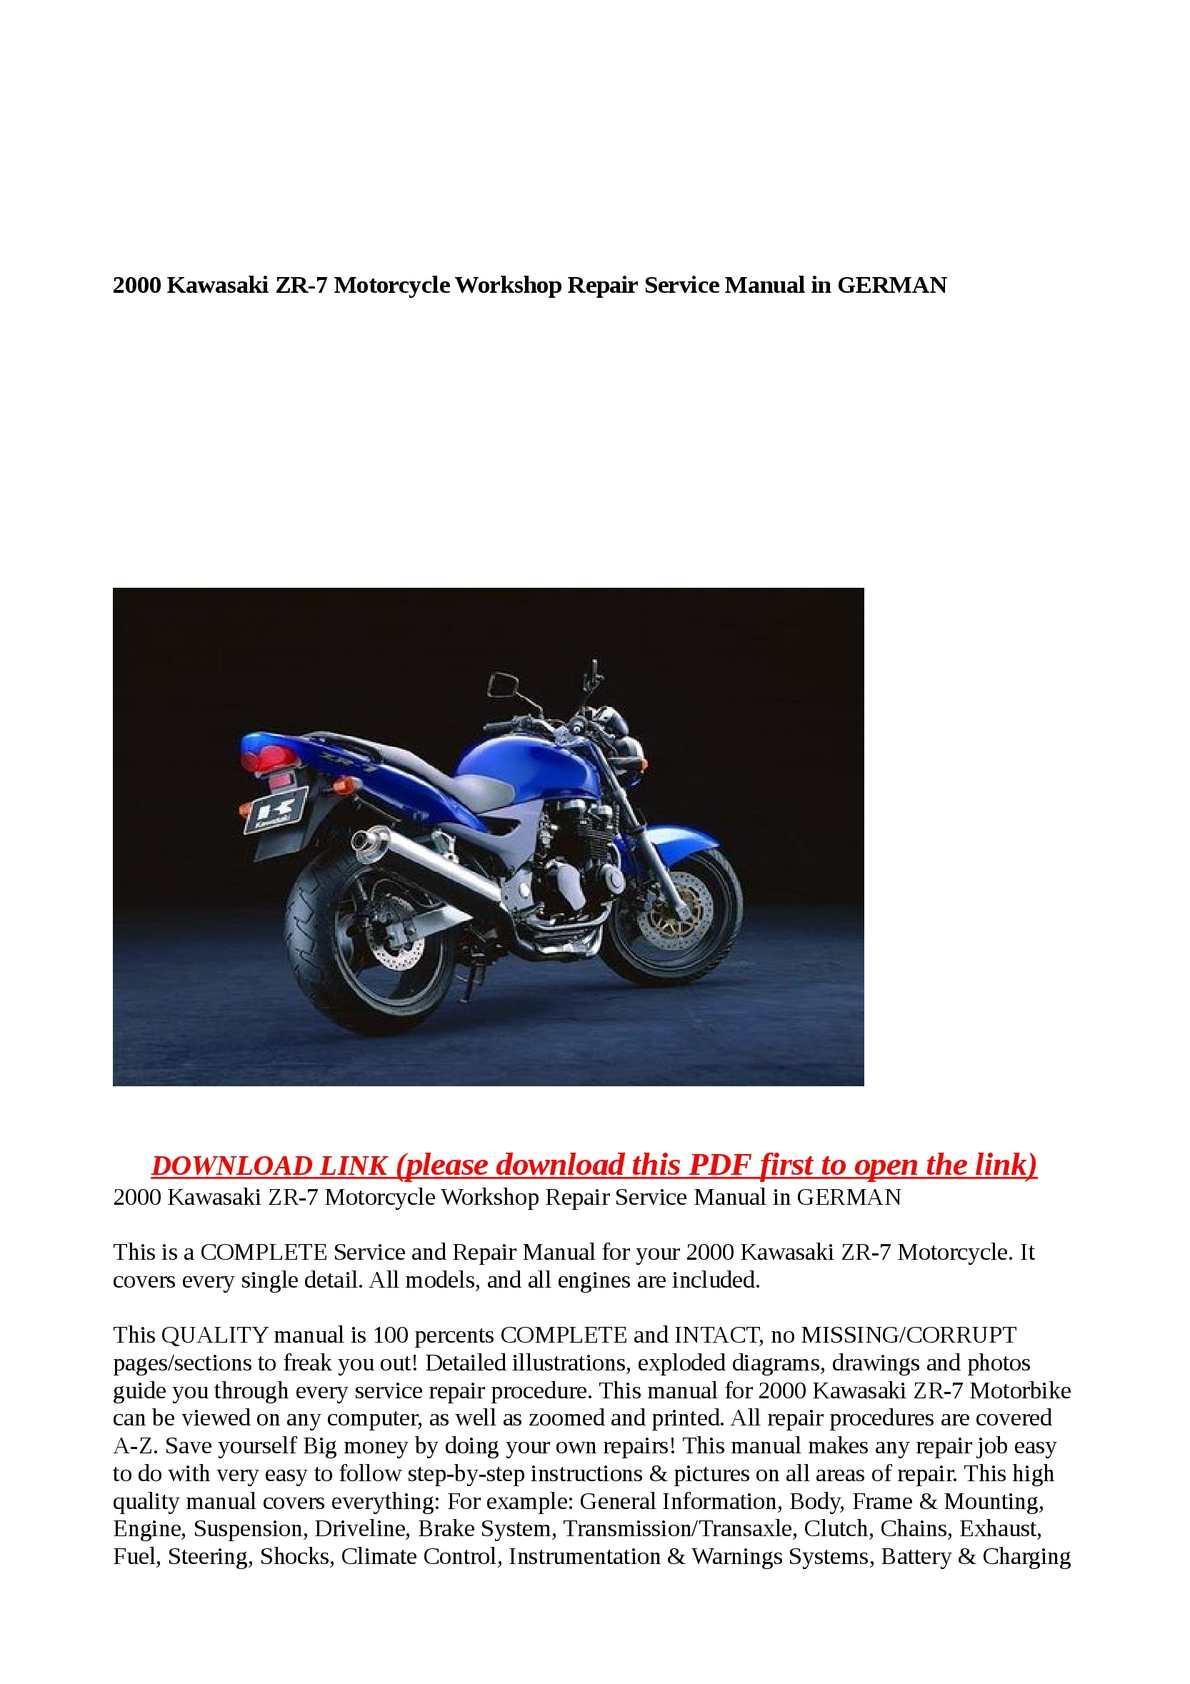 Calamo 2000 Kawasaki Zr 7 Motorcycle Workshop Repair Service 7s Wiring Diagram Manual In